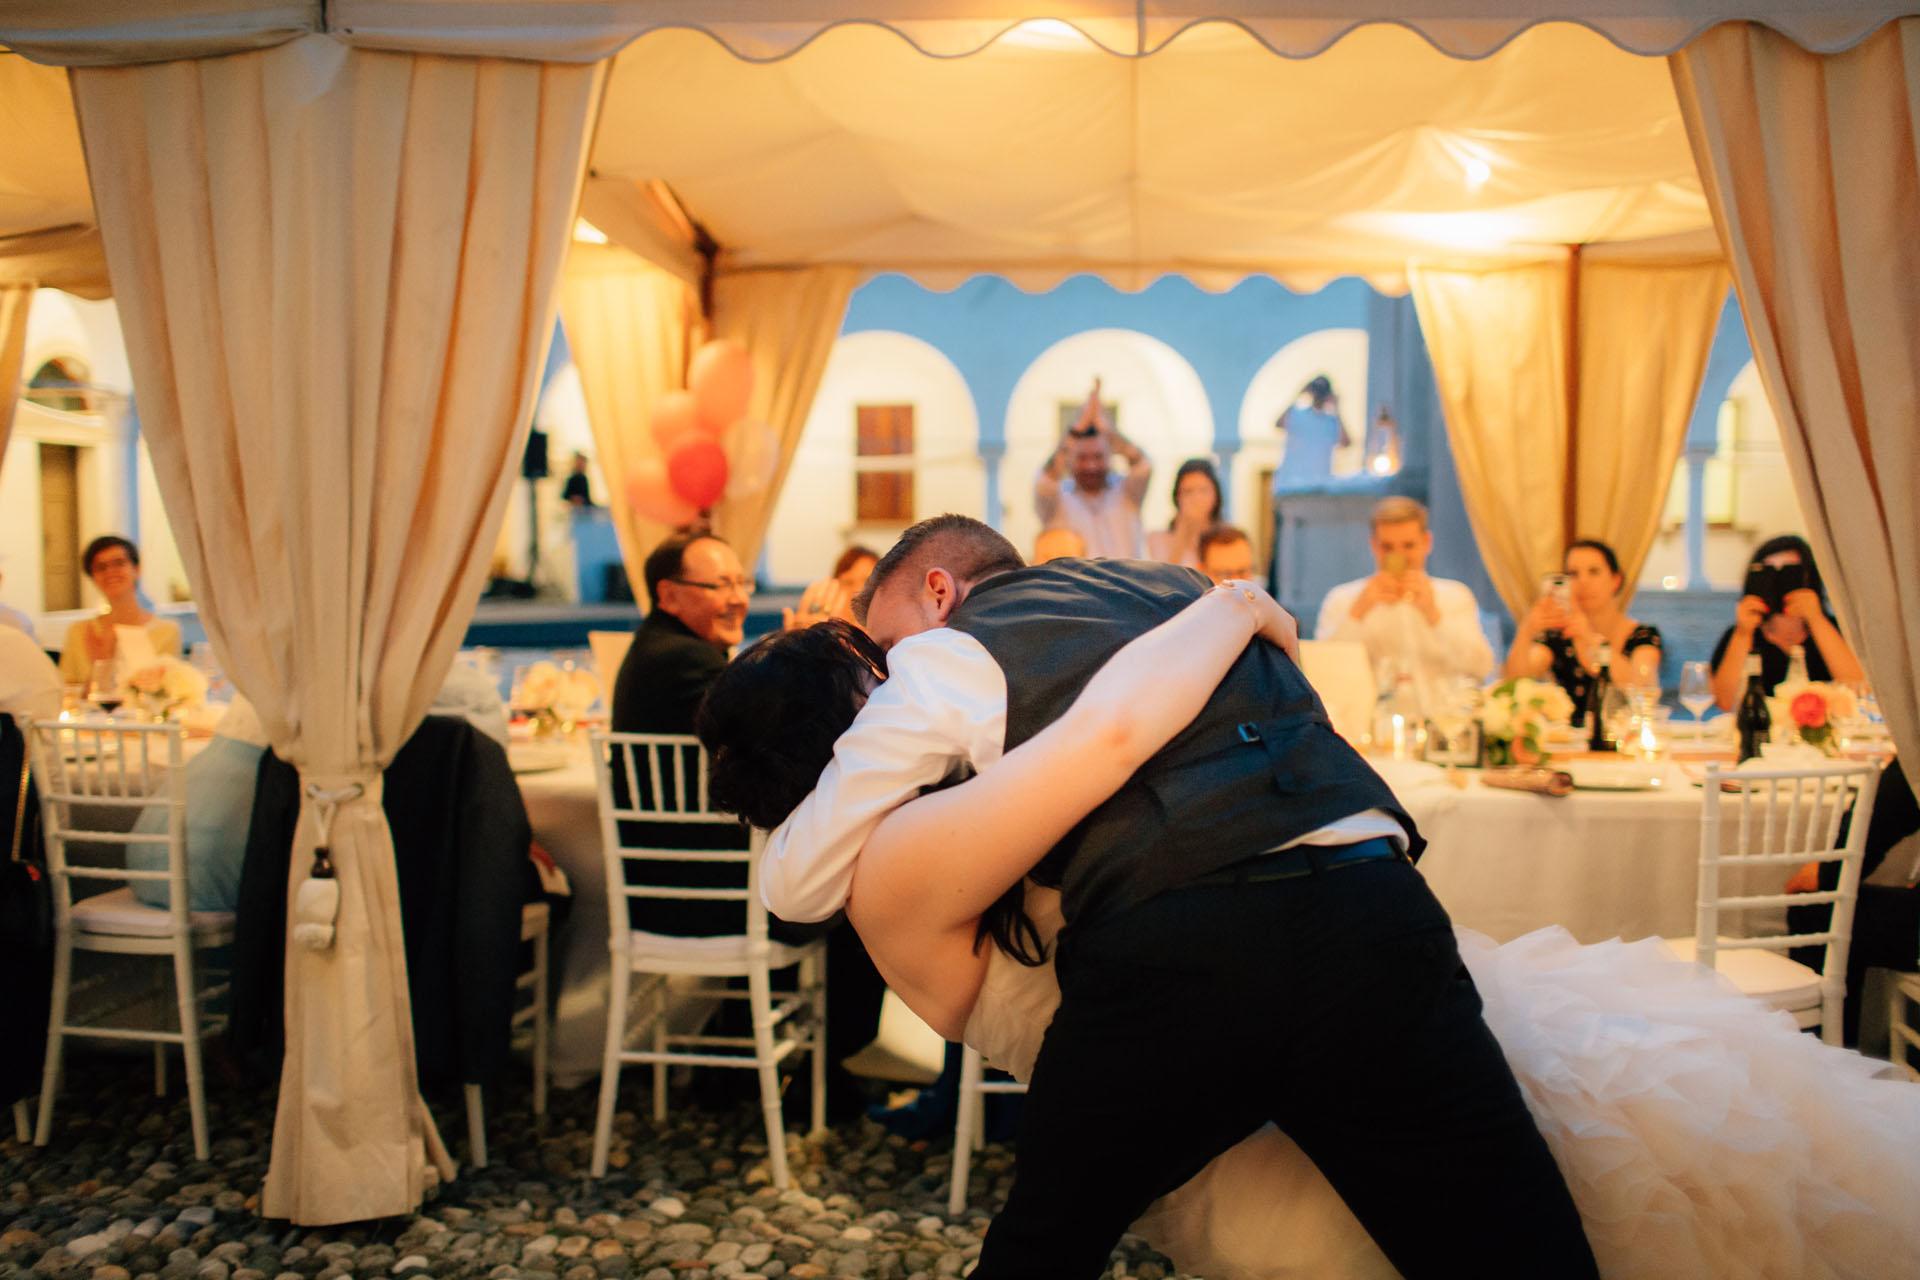 Jessica-Jason-Passione-Weddingdestination-Storytelling-Renato-Zanette-Fotografo-Convento-San-Francesco-Conegliano-Treviso-Veneto